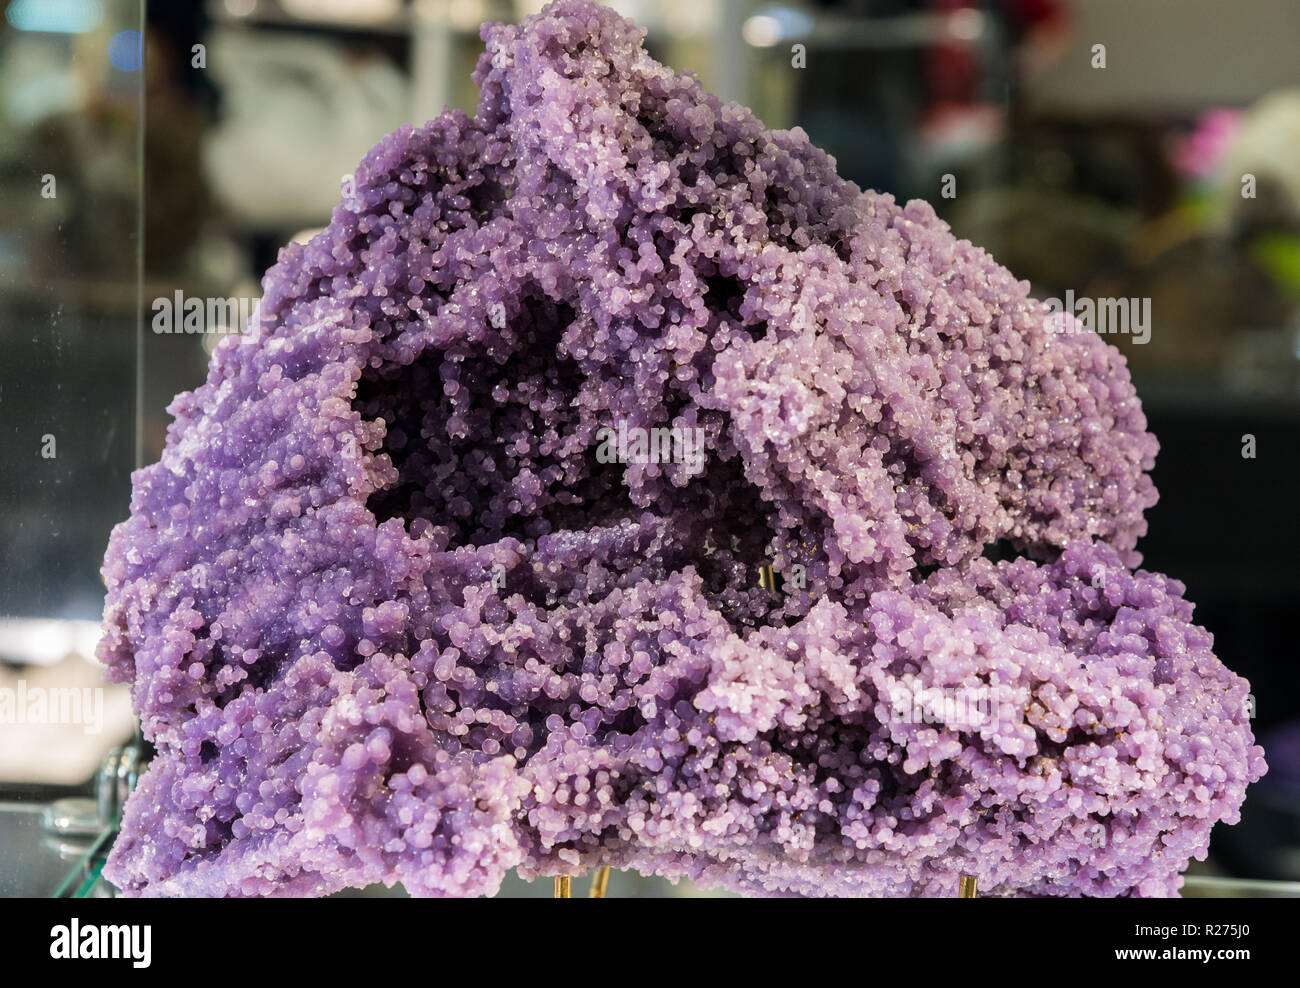 Agregado de violeta Nódulos de sílice. Imagen De Stock